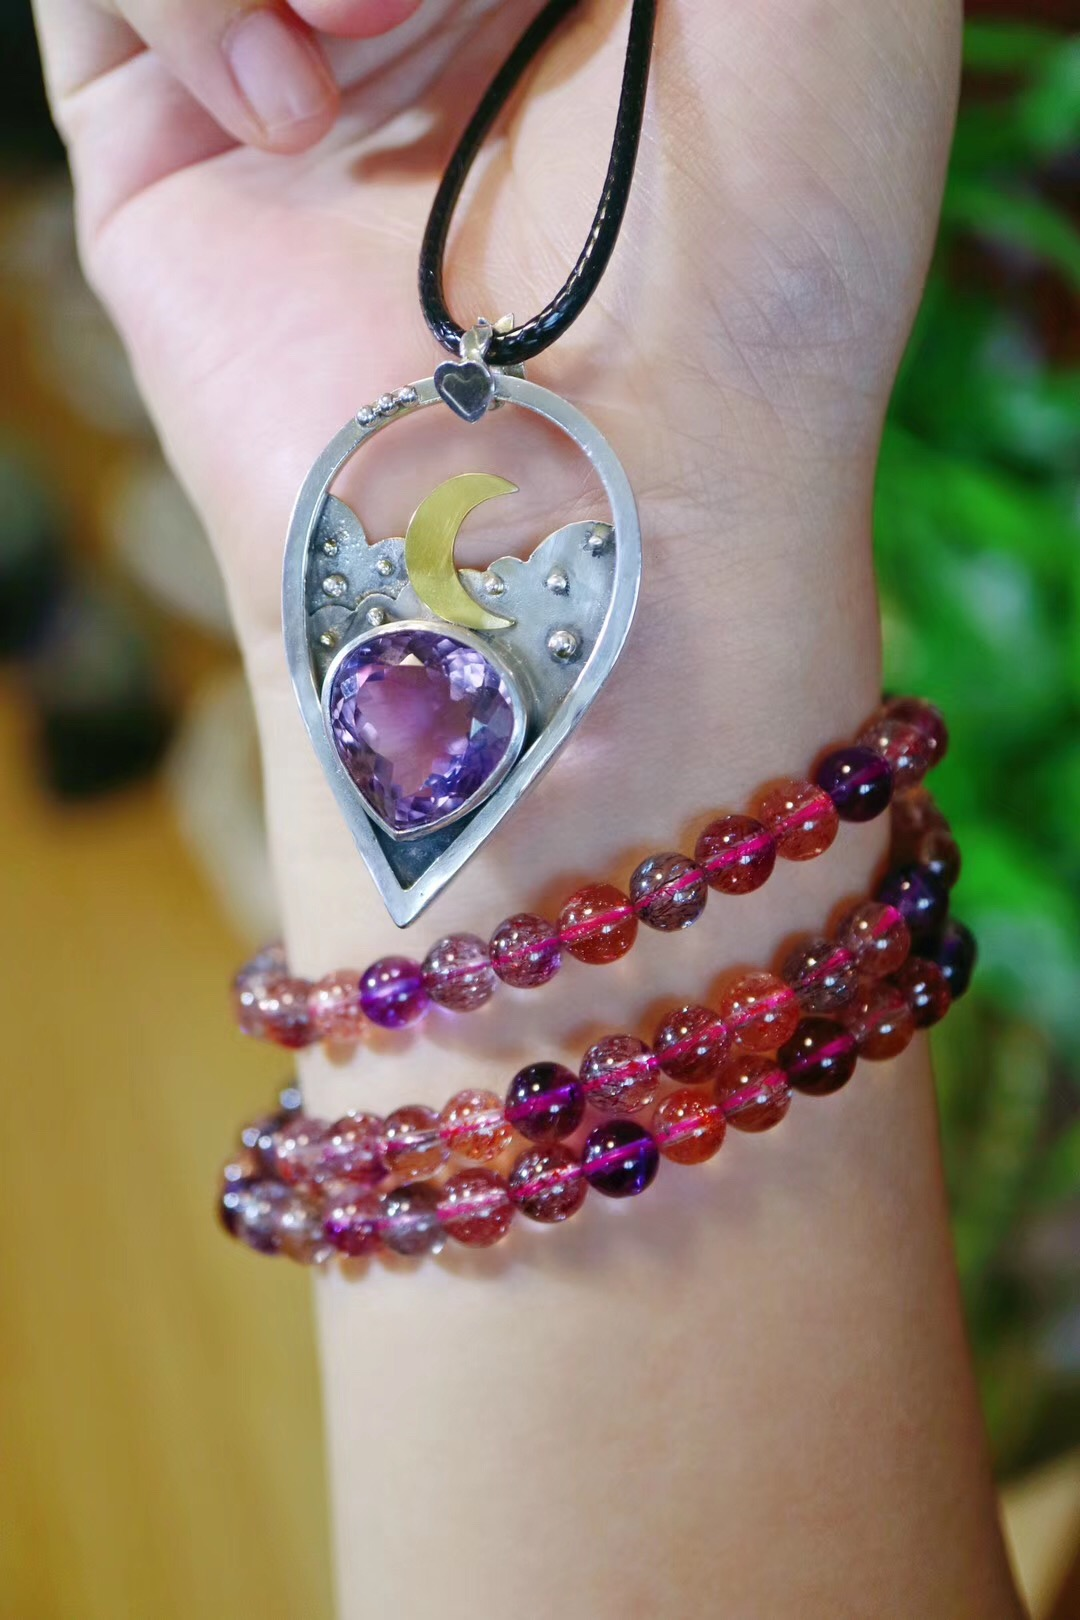 【菩心-紫发晶、紫黄晶】紫发晶(超七)、紫黄晶(晚安款),梦幻且安神-菩心晶舍